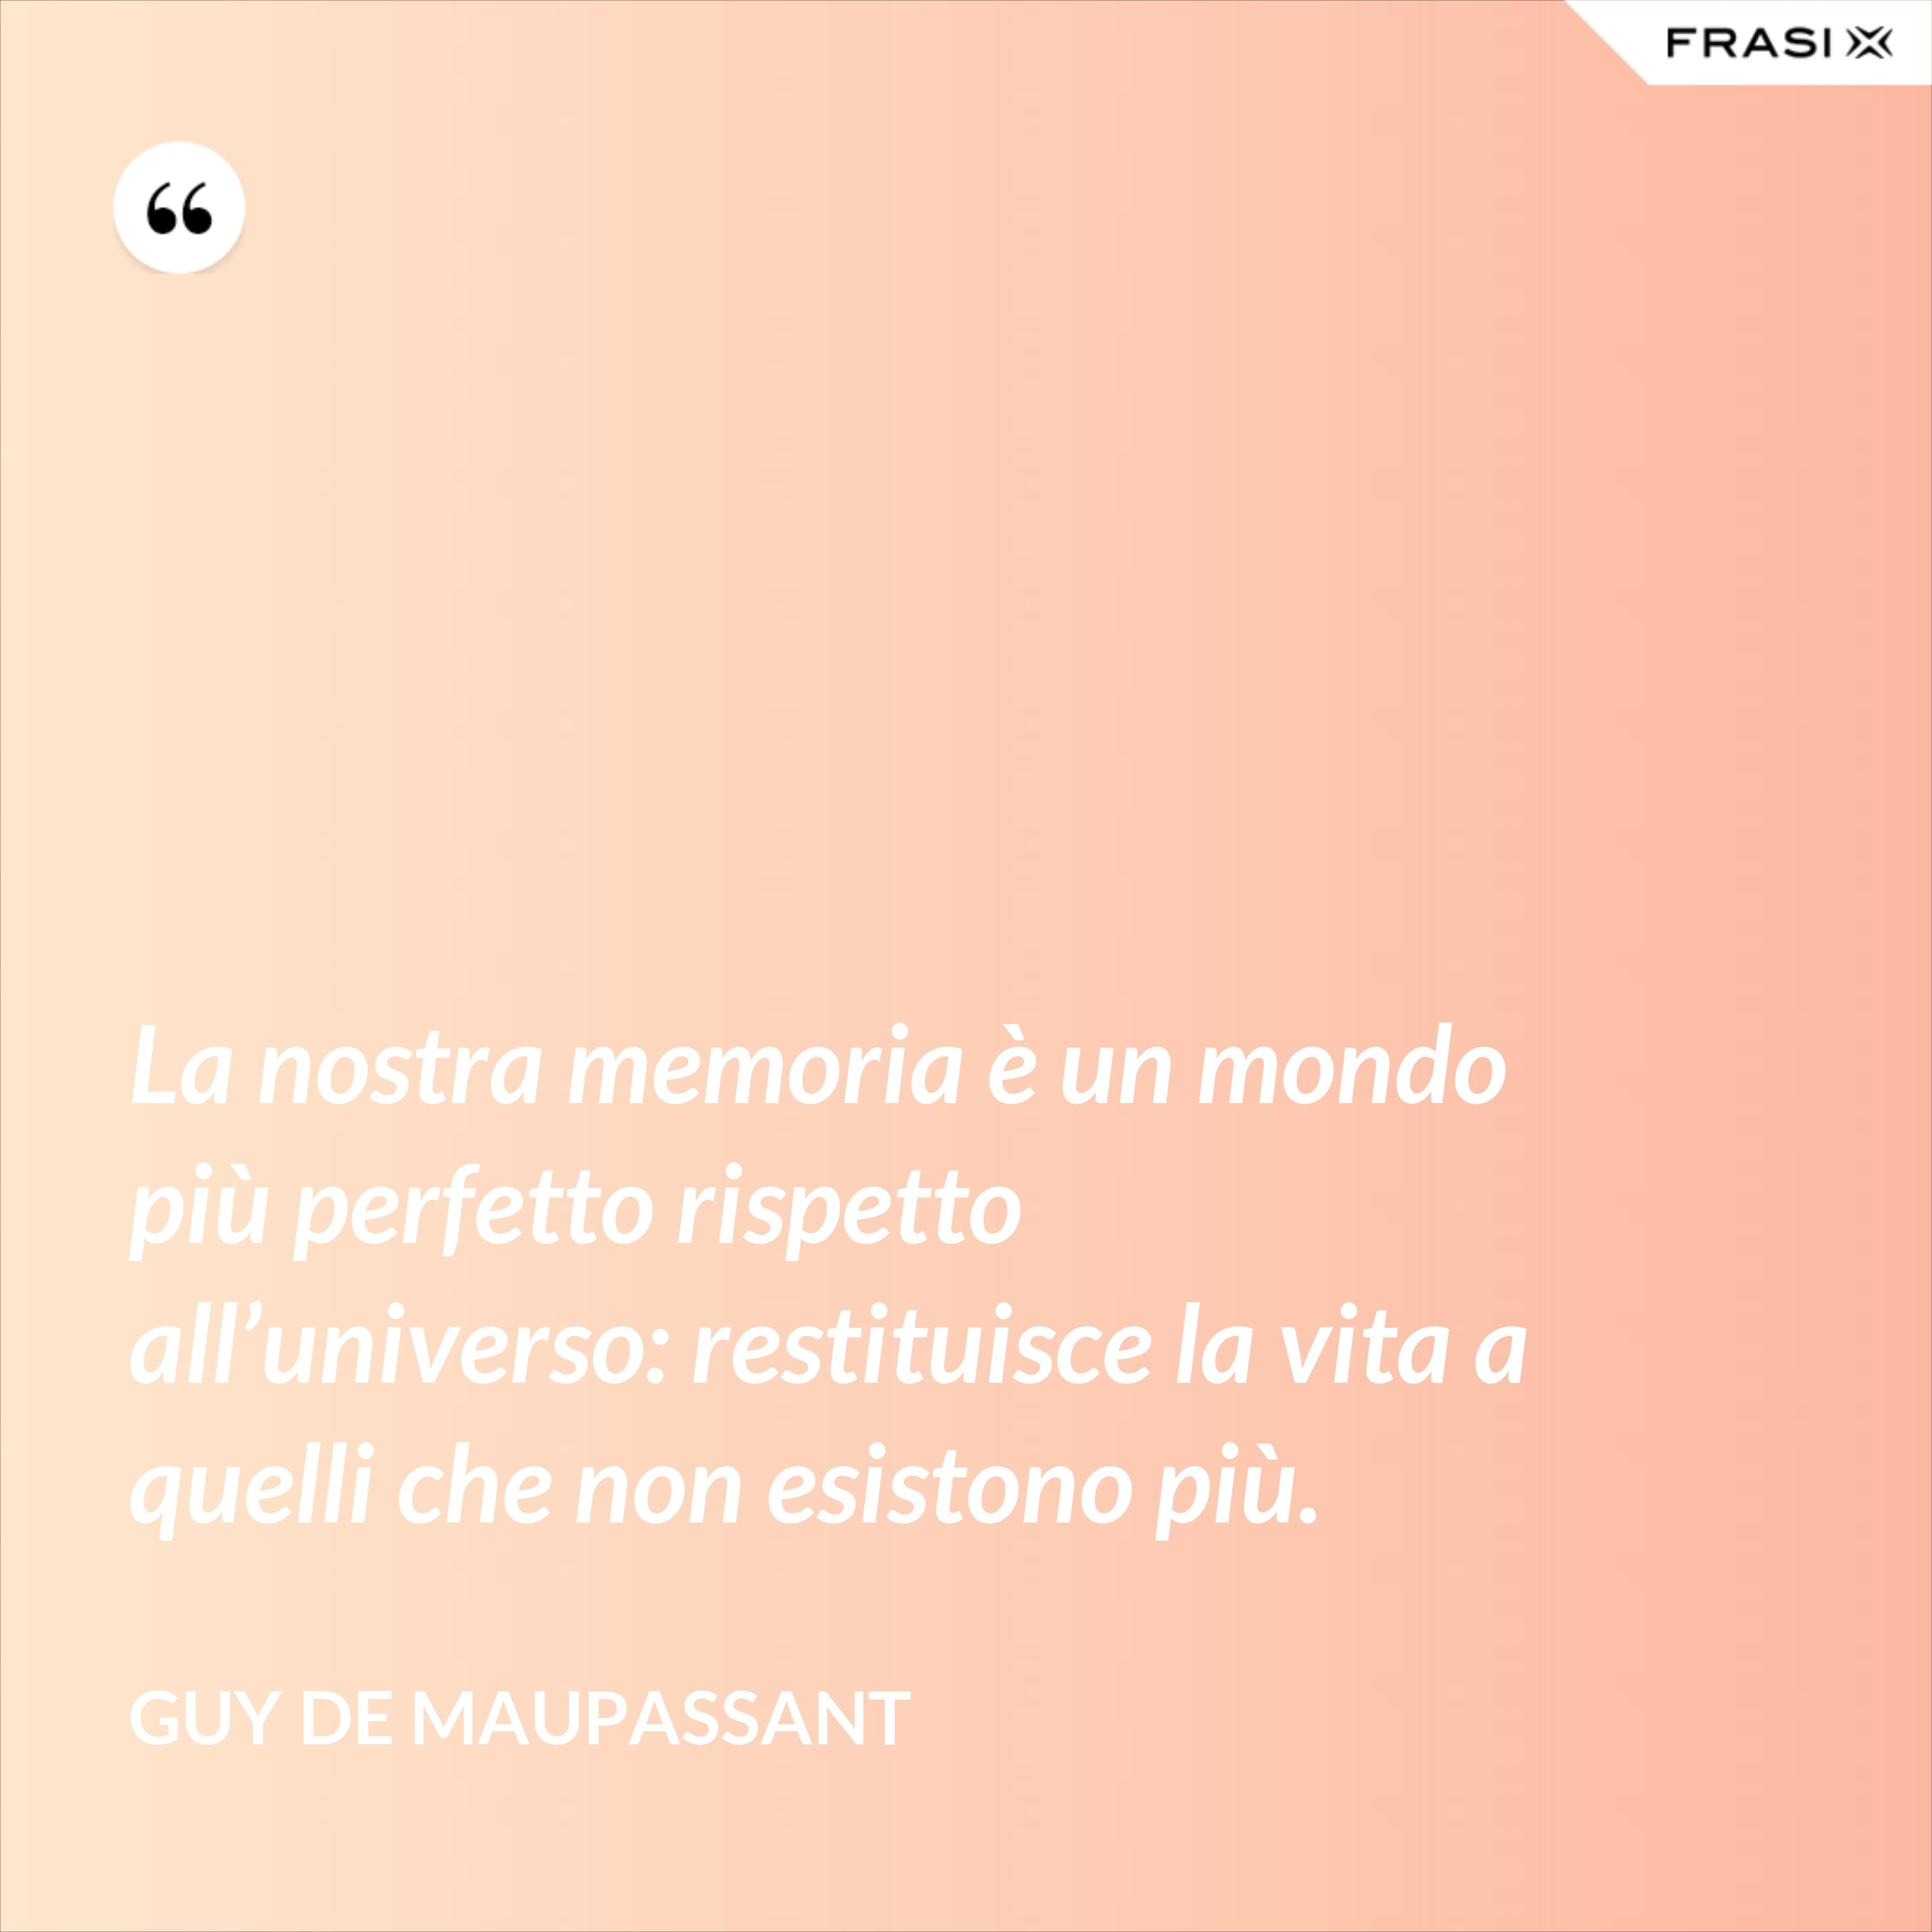 La nostra memoria è un mondo più perfetto rispetto all'universo: restituisce la vita a quelli che non esistono più. - Guy de Maupassant